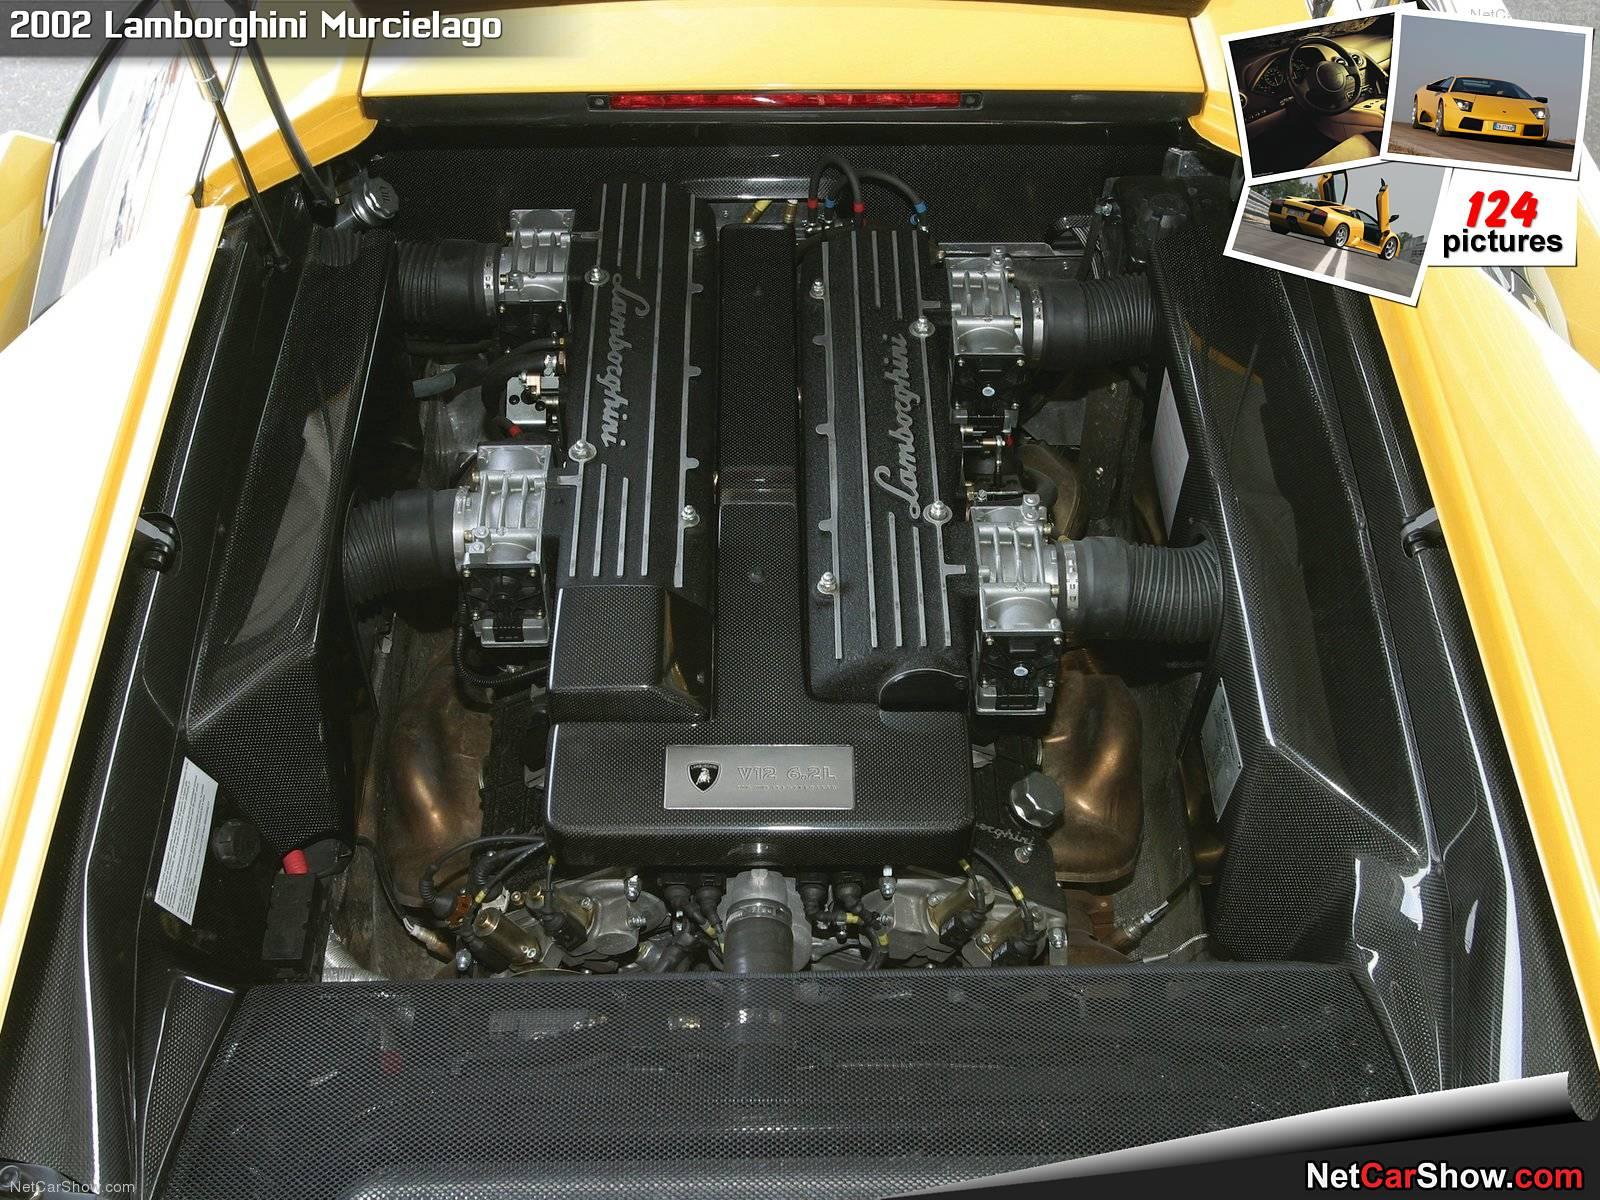 0_1495258650058_Lamborghini-Murcielago-2002-1600-73.jpg